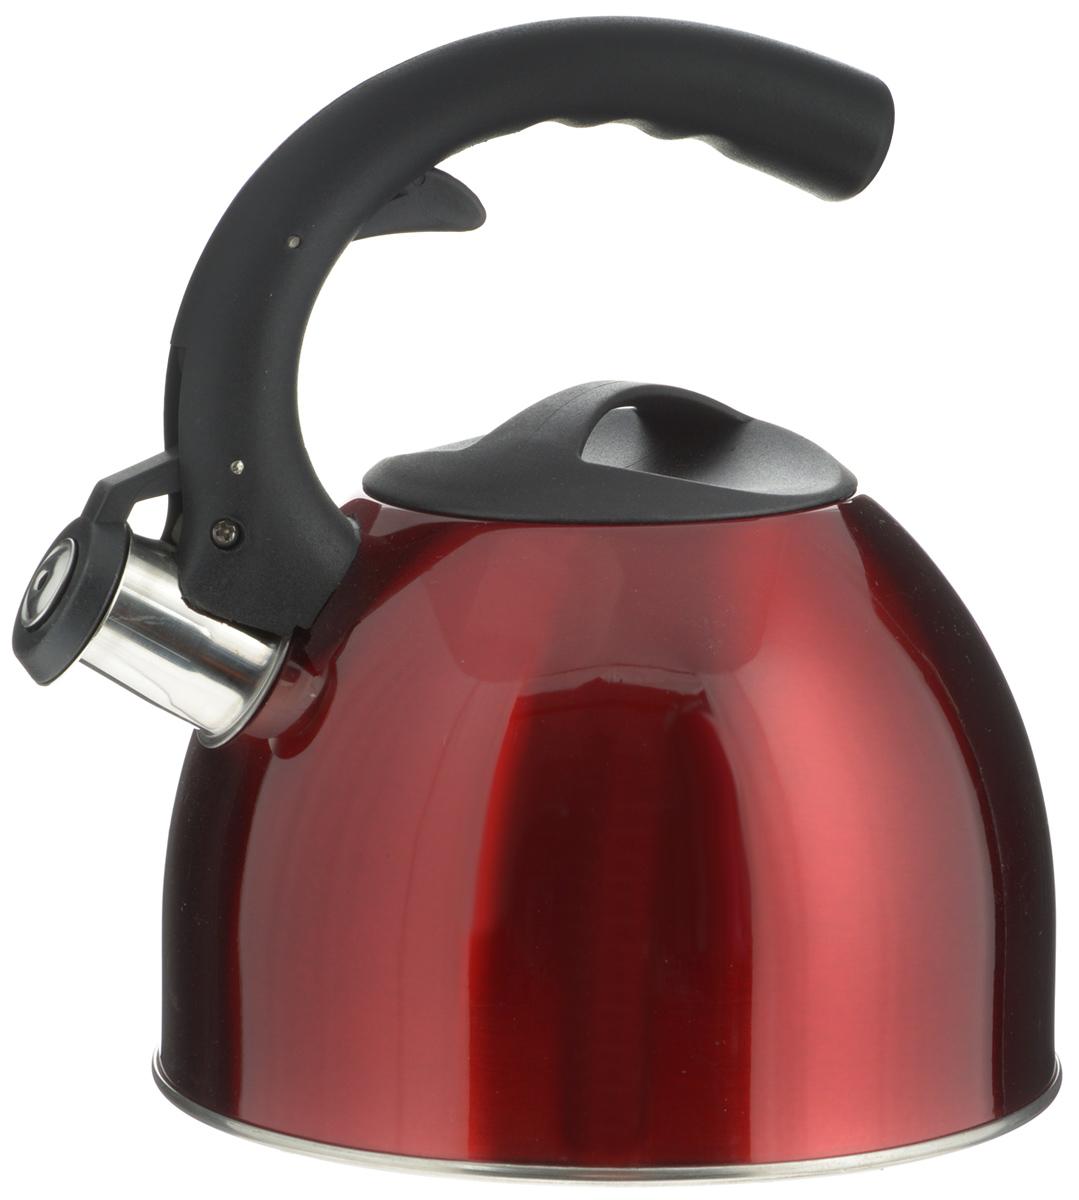 Чайник Mayer & Boch, со свистком, цвет: красный, 2,5 л. 2319723197_красныйЧайник Mayer & Boch изготовлен из высококачественной нержавеющей стали. Гладкая и ровная поверхность существенно облегчает уход. Чайник оснащен удобной нейлоновой ручкой, которая не нагревается даже при продолжительном периоде нагрева воды. Носик чайника имеет насадку-свисток, что позволит вам контролировать процесс подогрева или кипячения воды. Выполненный из качественных материалов, чайник Mayer & Boch при кипячении сохраняет все полезные свойства воды. Чайник пригоден для использования на всех типах плит, кроме индукционных. Можно мыть в посудомоечной машине. Высота чайника (без учета ручек): 12 см. Высота чайника (с учетом ручки): 22,5 см.